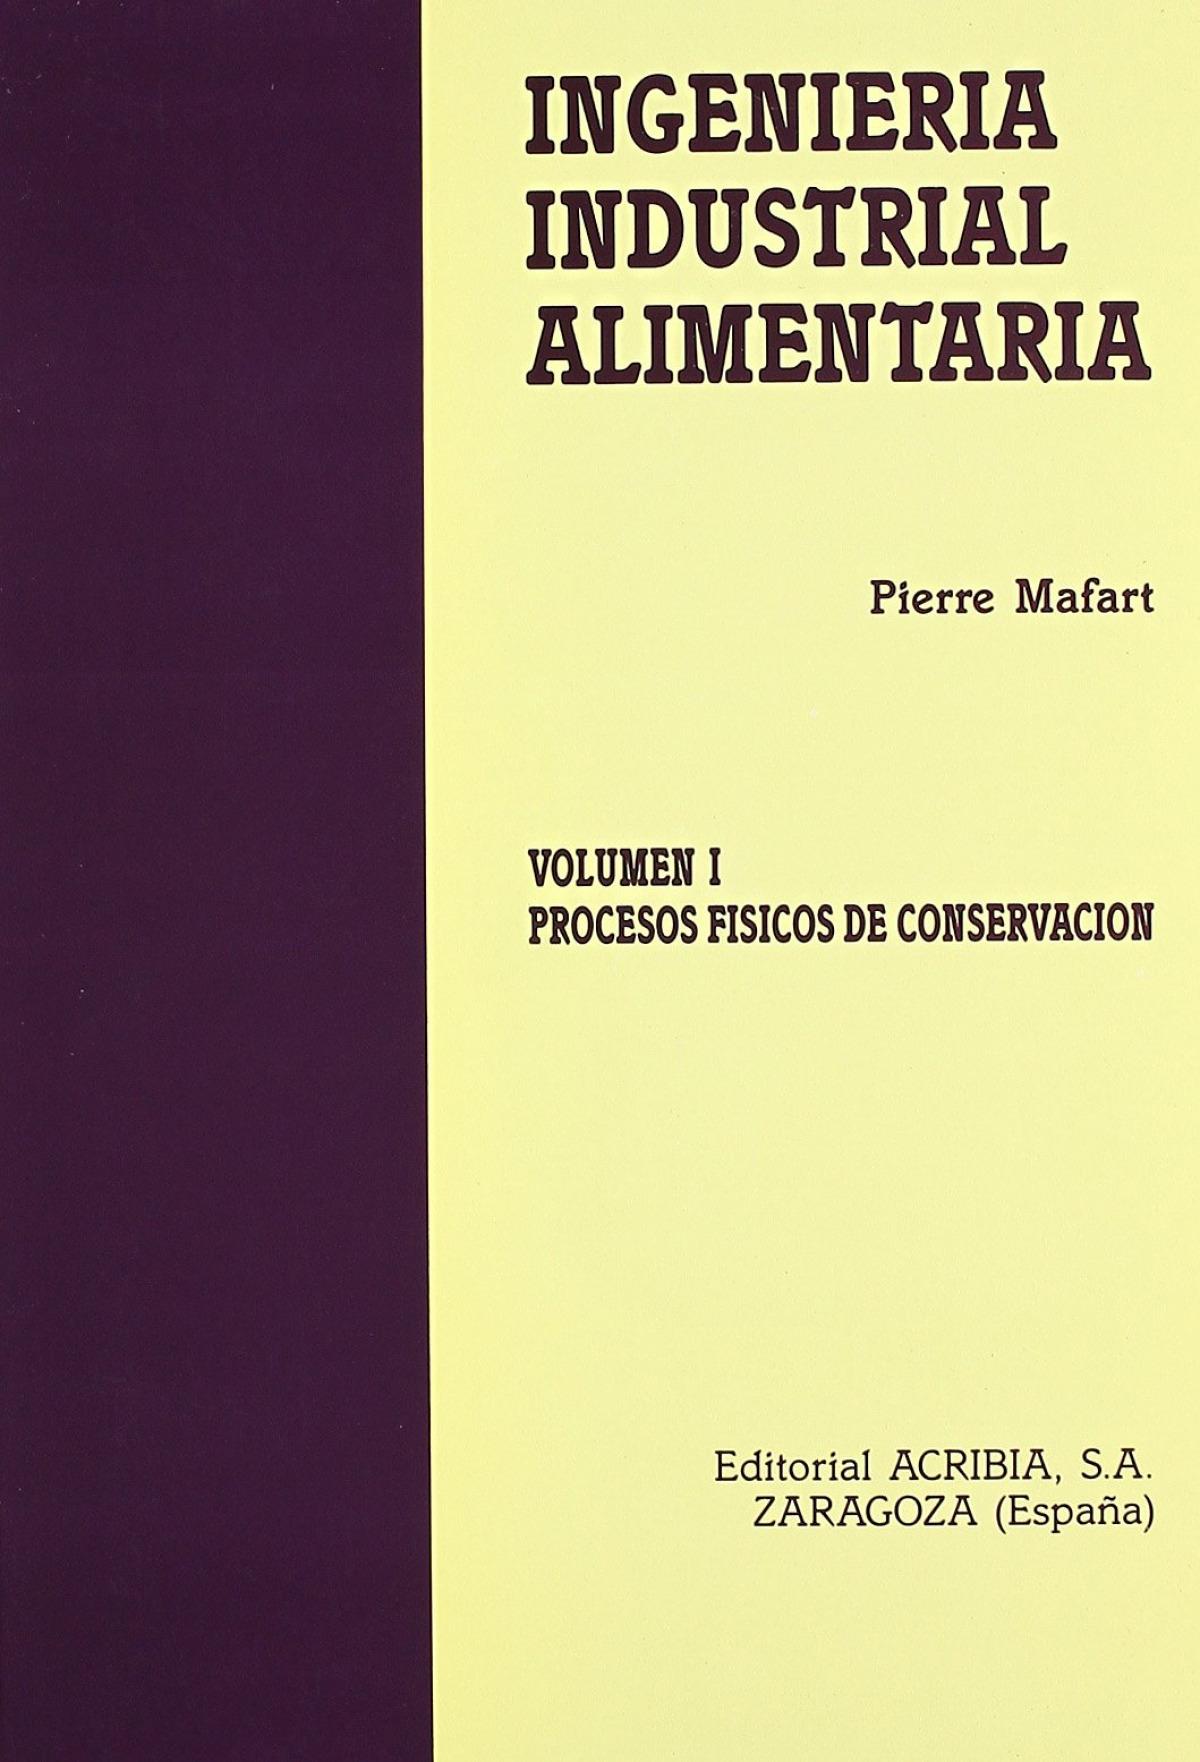 INGENIERÍA INDUSTRIAL ALIMENTARIA VOLUMEN I: PROCESOS FÍSICOS DE CONSERVACIÓN